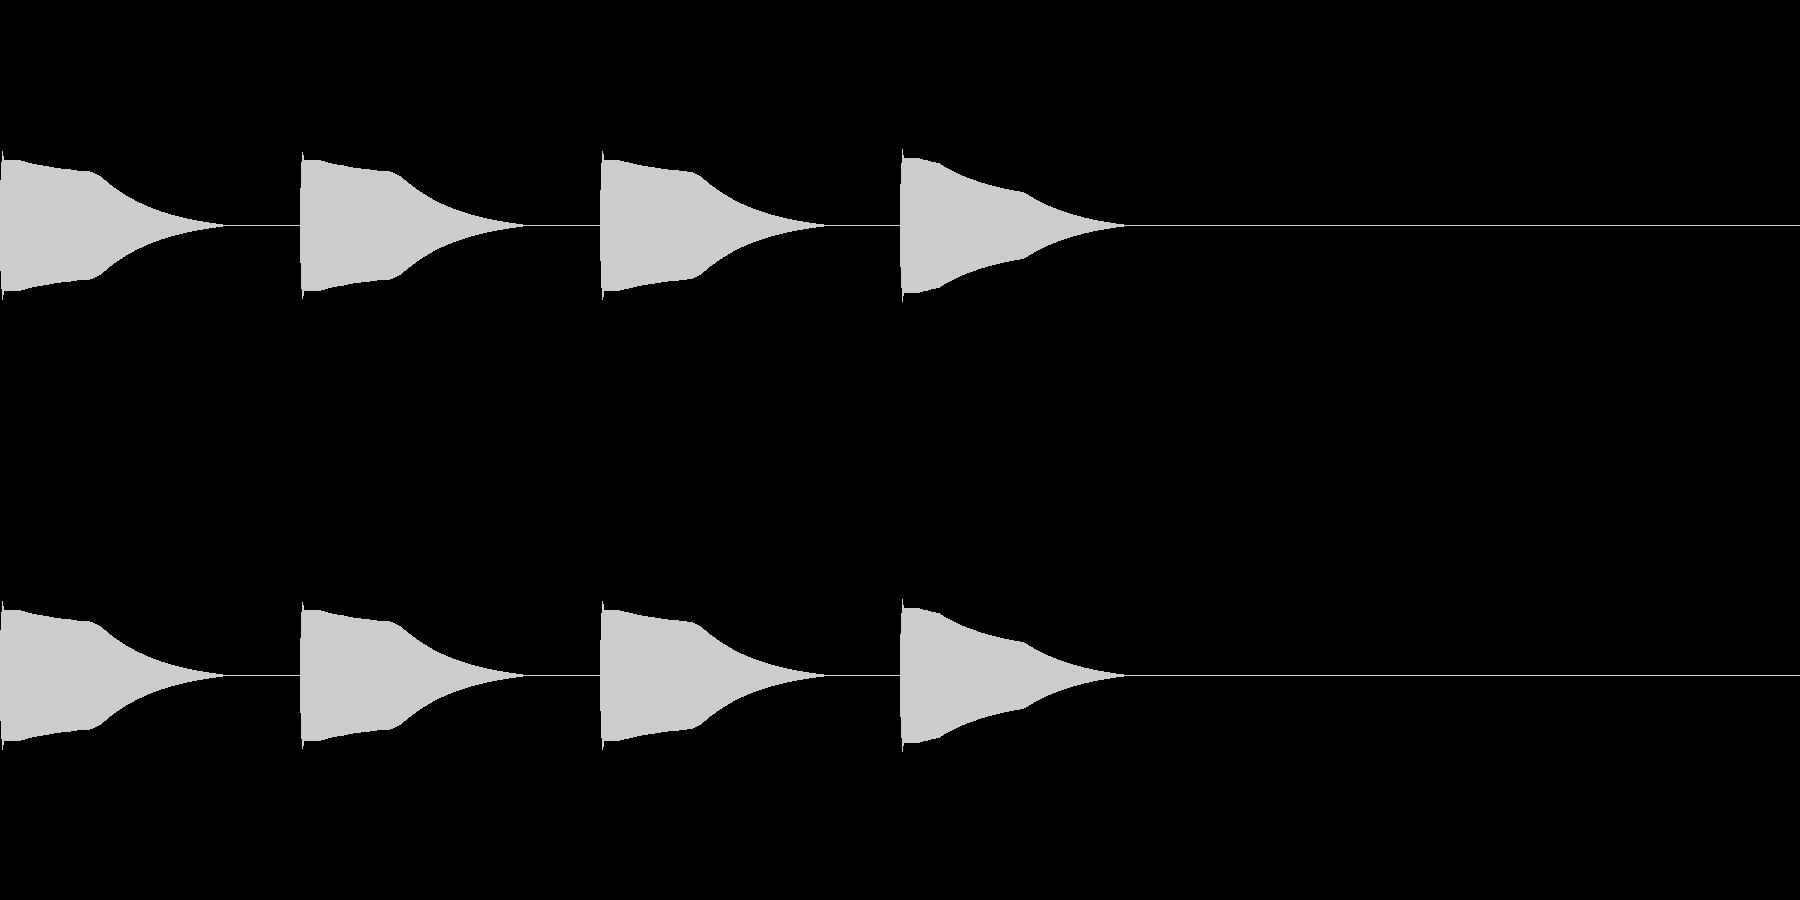 321スタート 電子音 ポーンの未再生の波形